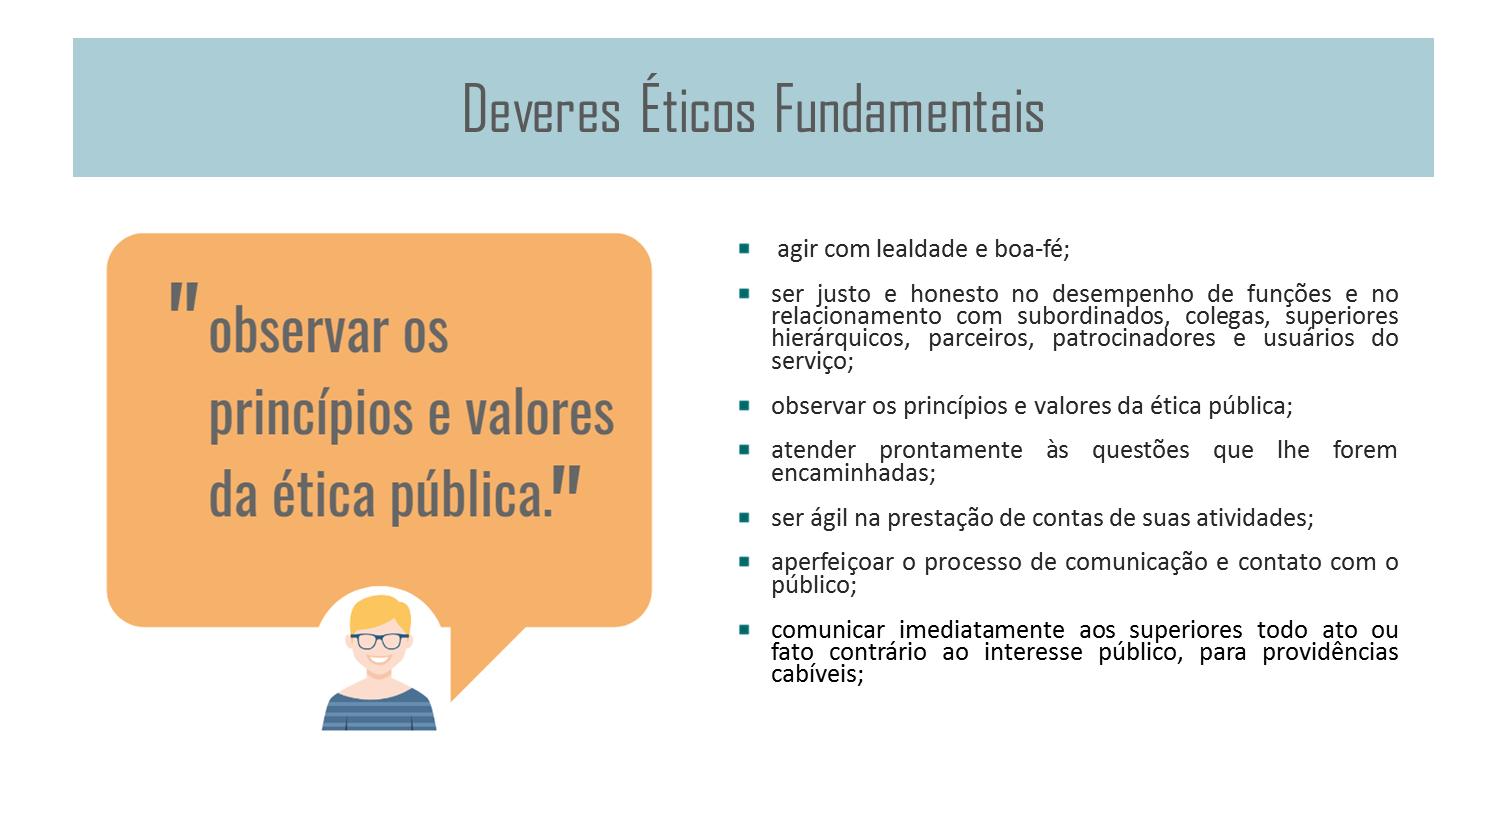 Deveres Éticos Fundamentais